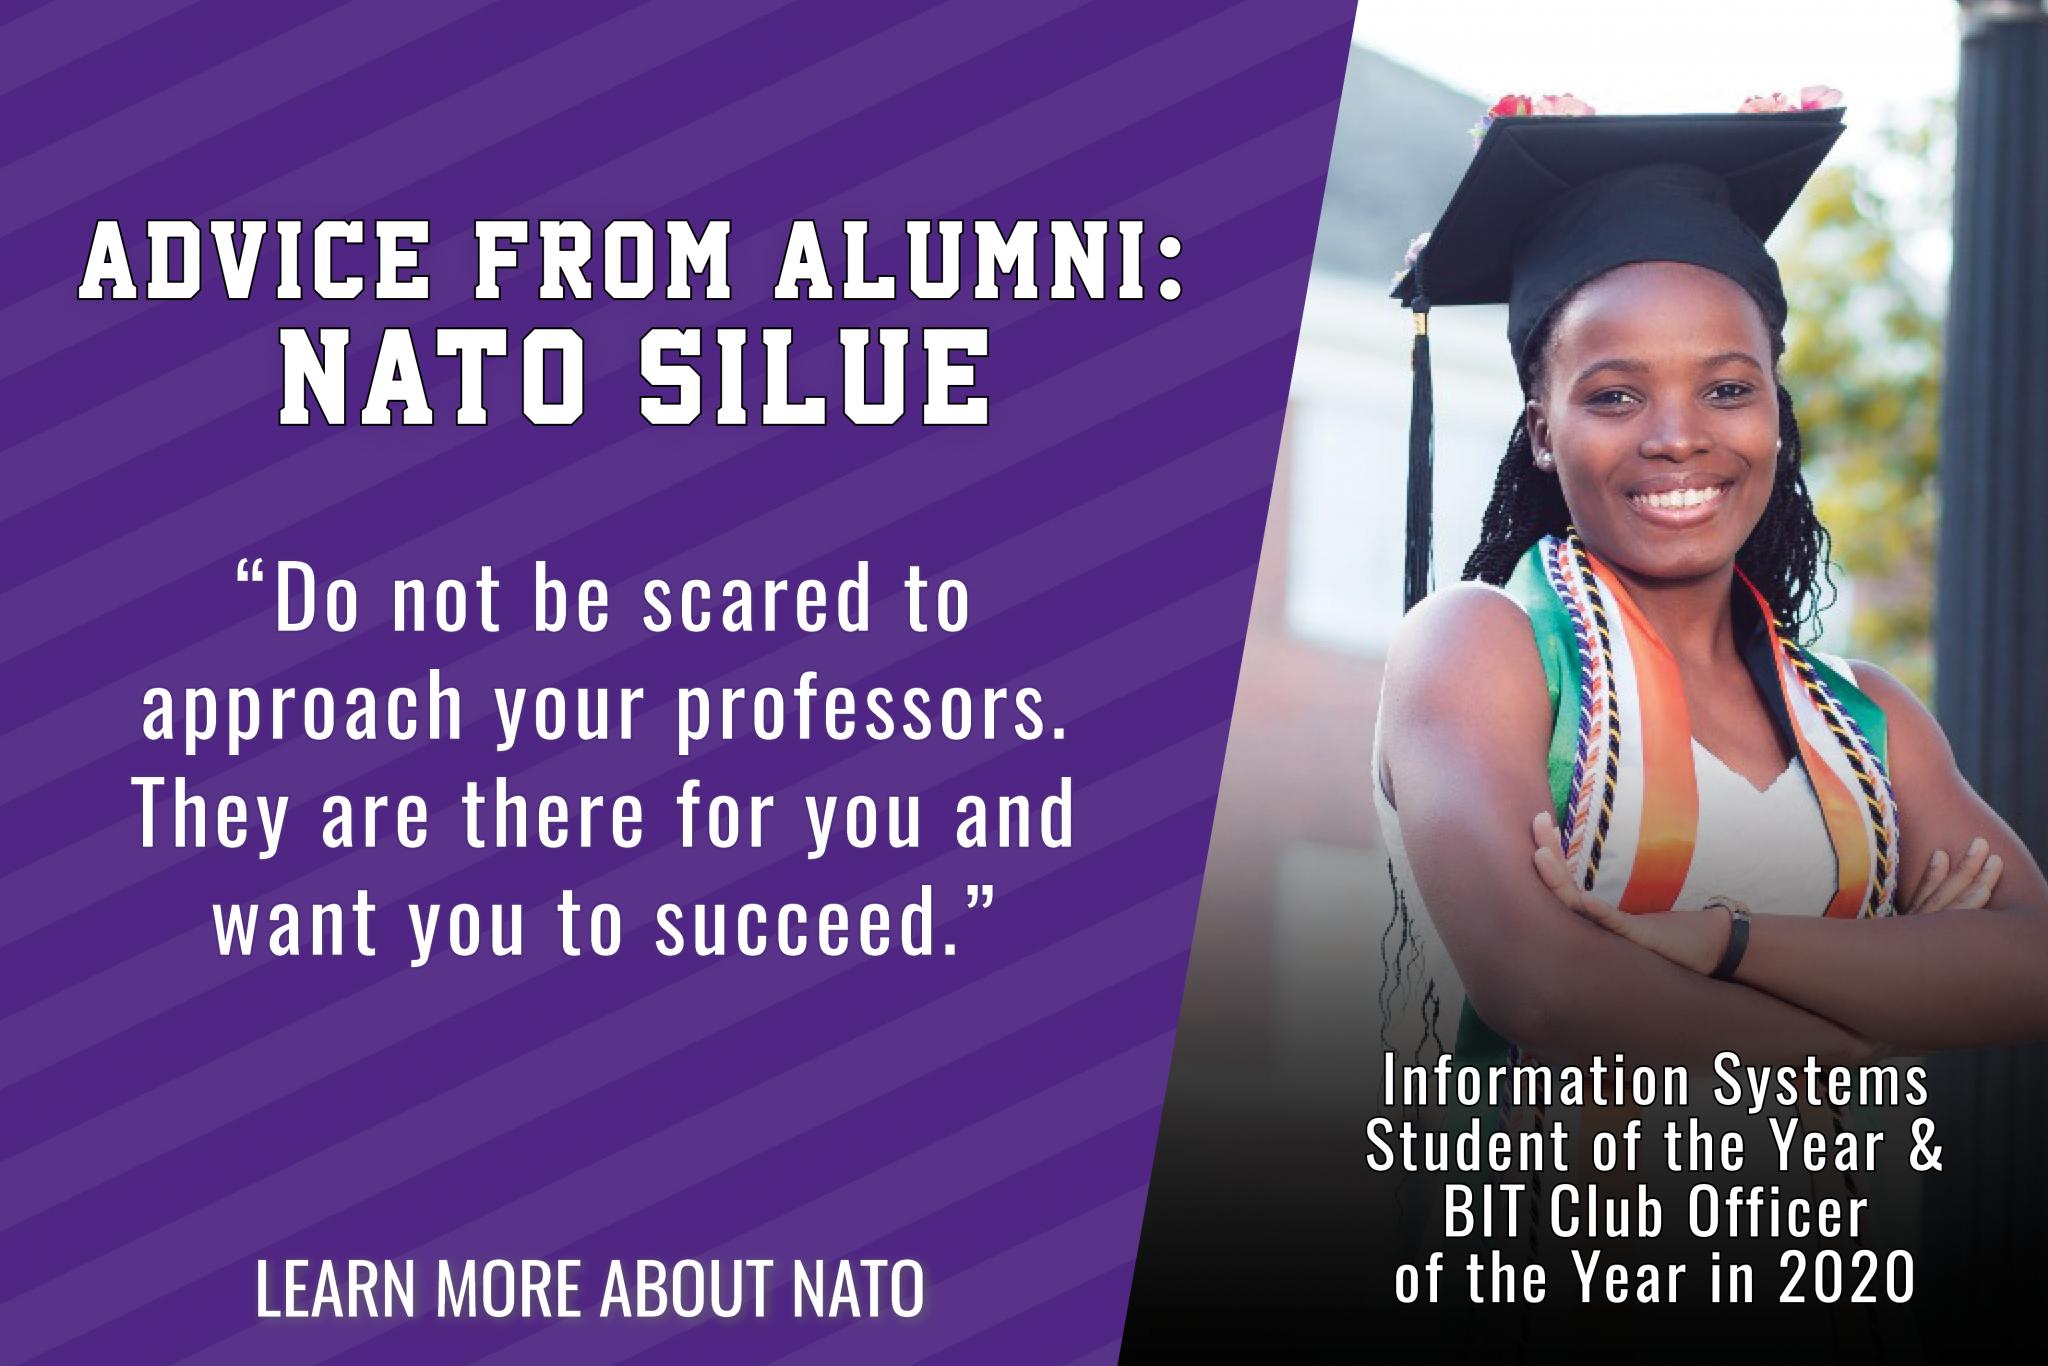 Advice from Alumni: Nato Silue